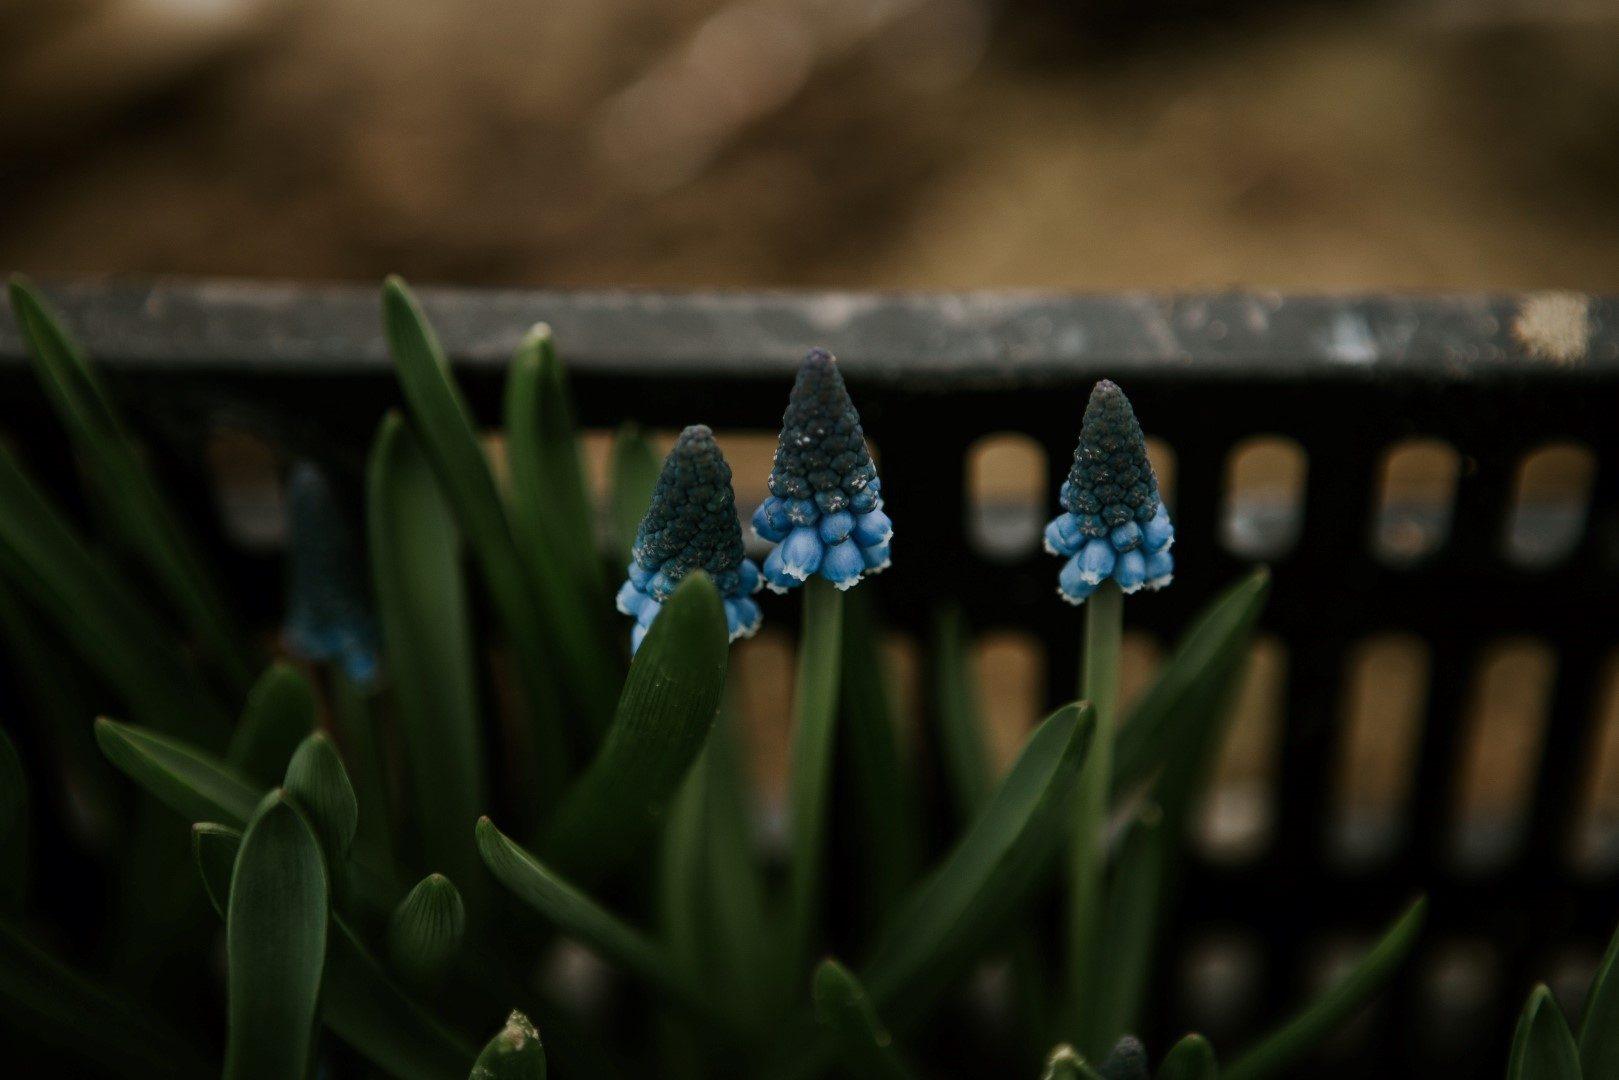 ,fürtös gyöngyike,muscari,wild flower bar,virágbolt,virág,tavaszi virág,esküvői virágcsokor,